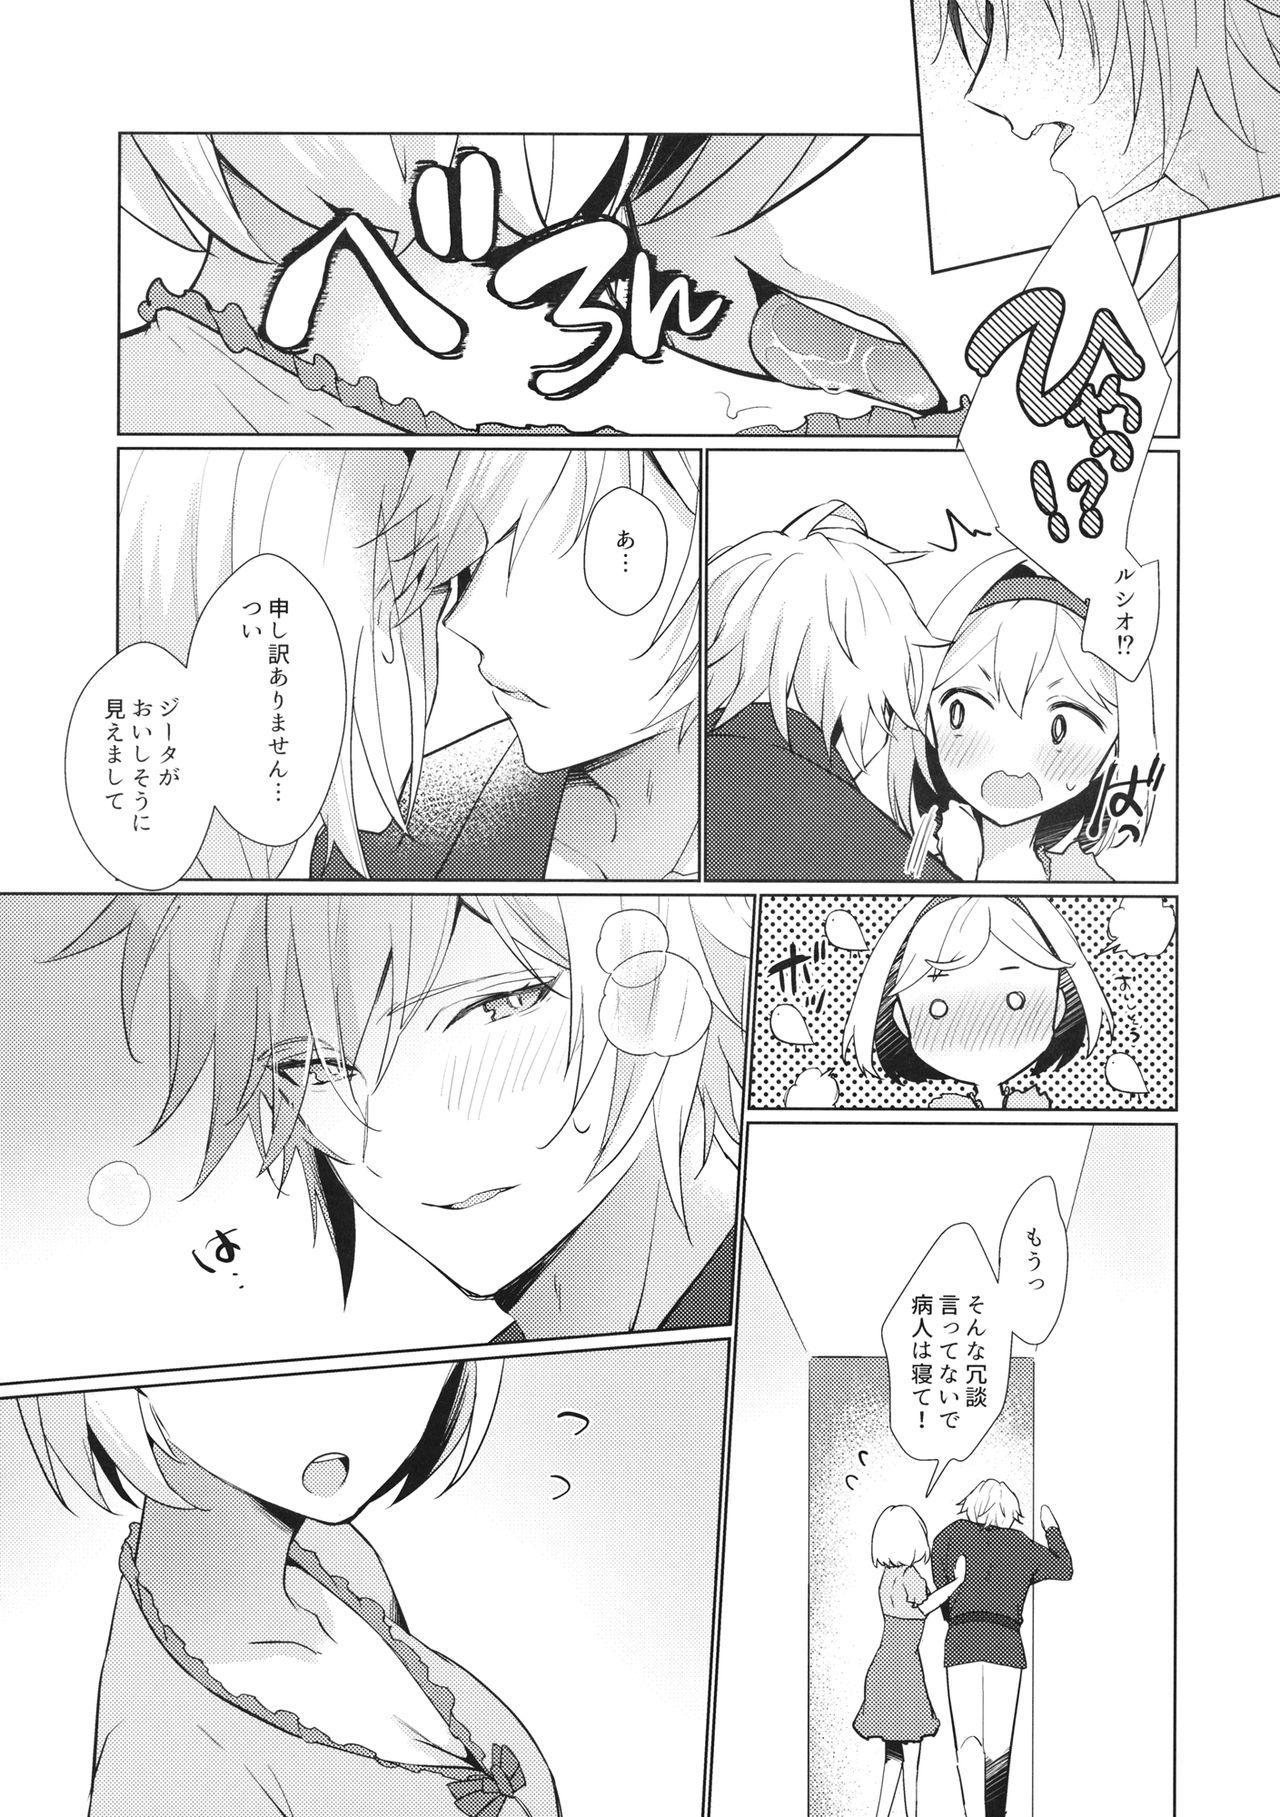 Jingai no Kare ga Ningen Seikatsu Hajimemashita 7